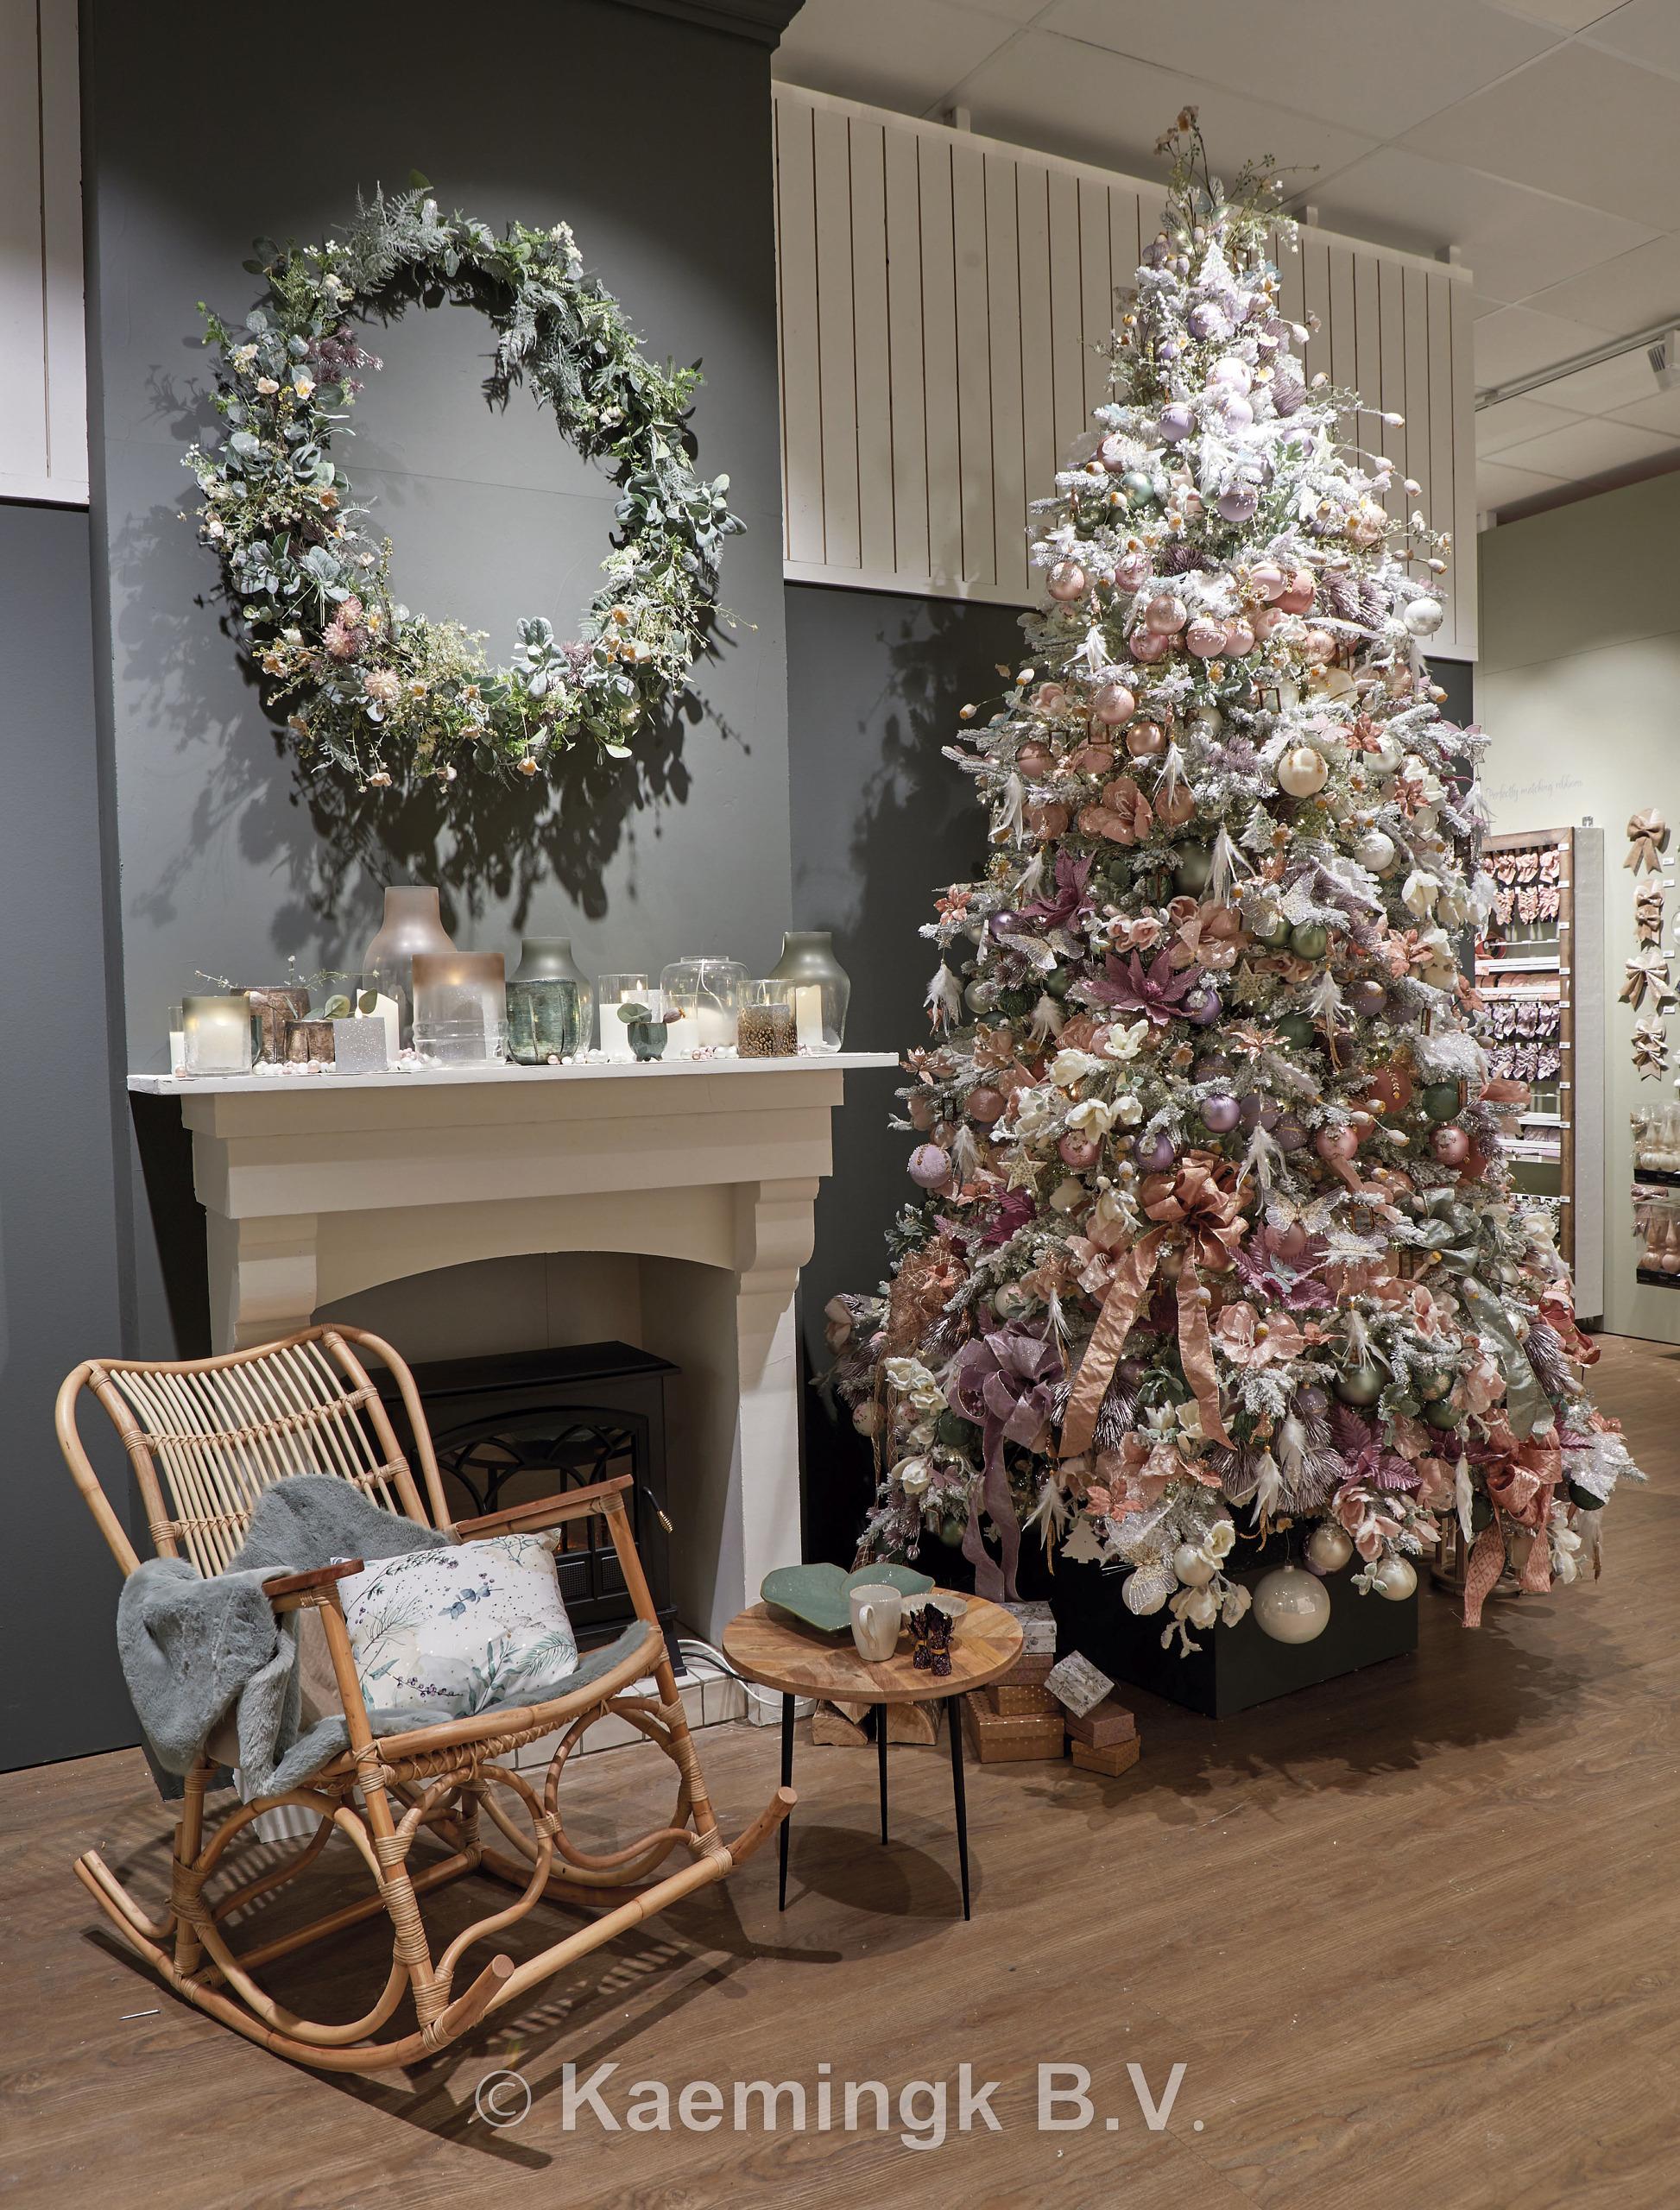 romantische kersttrend 2020